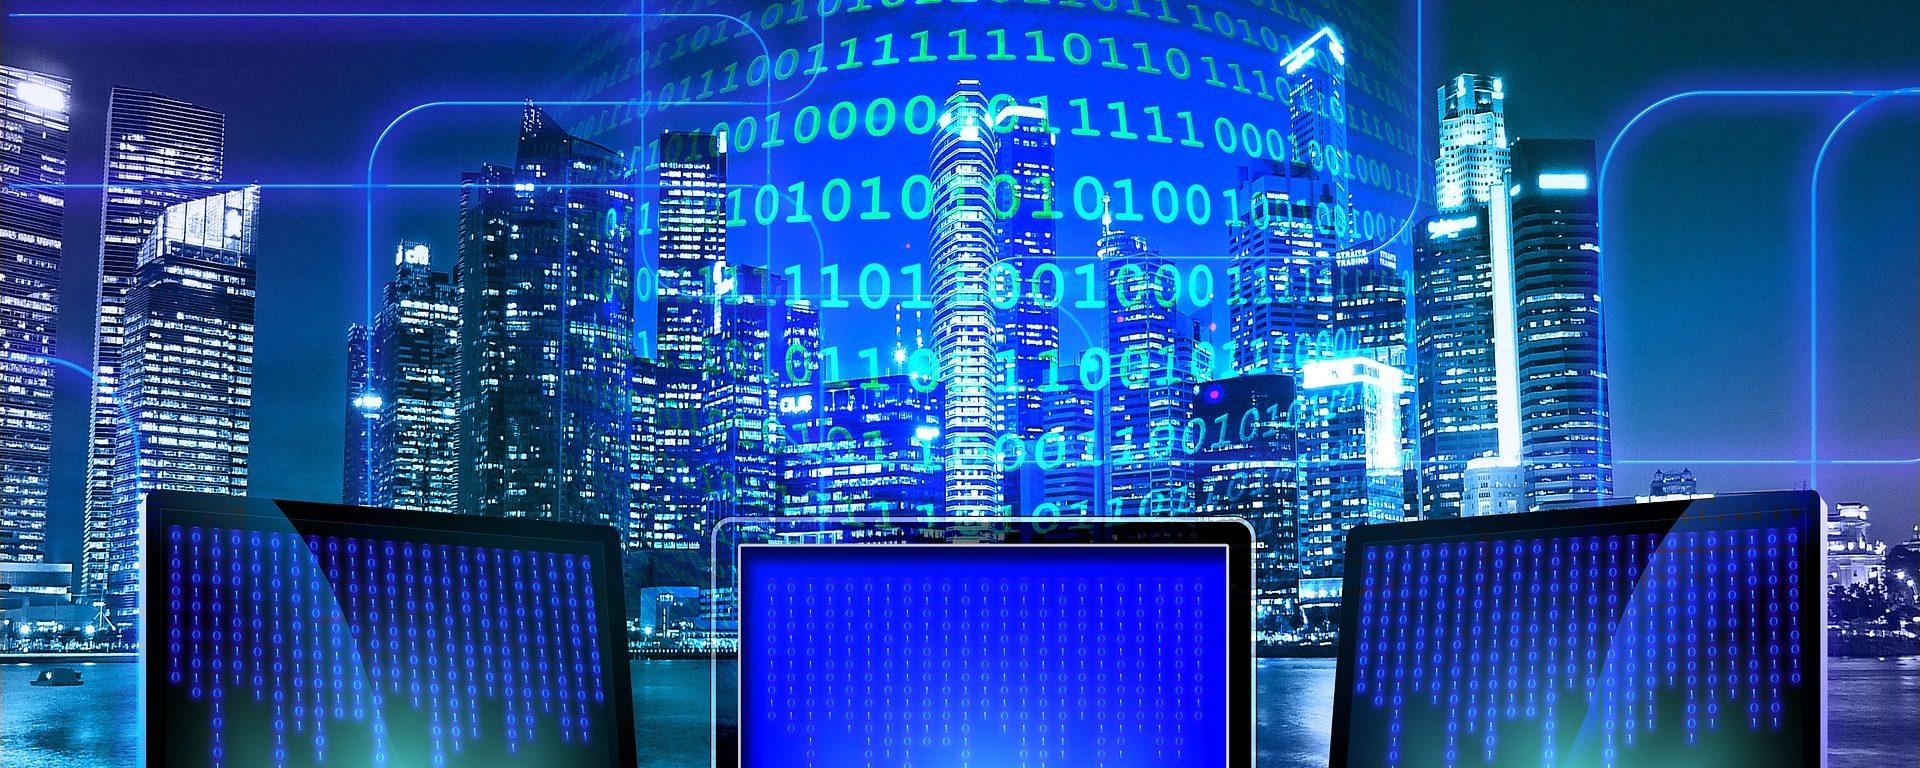 保護資料備份、傳輸安全,最常見的 4 種 VPN 應用